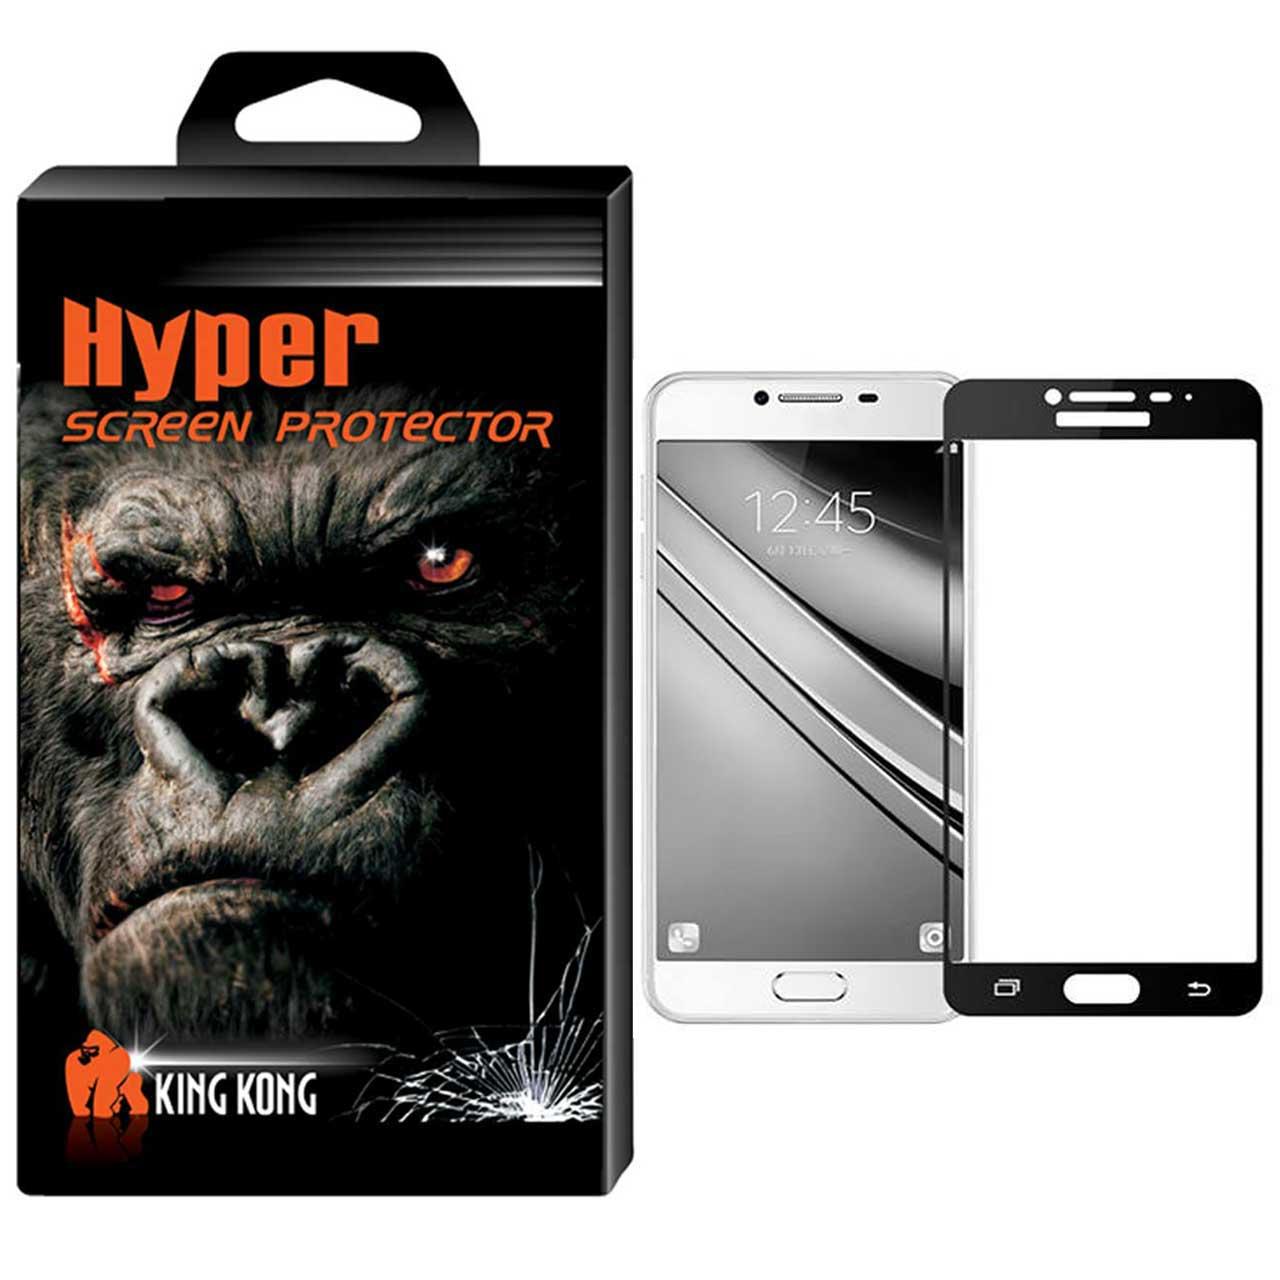 محافظ صفحه نمایش شیشه ای کینگ کونگ مدل Hyper Fullcover مناسب برای سامسونگ گلکسی J7 2016 /J710